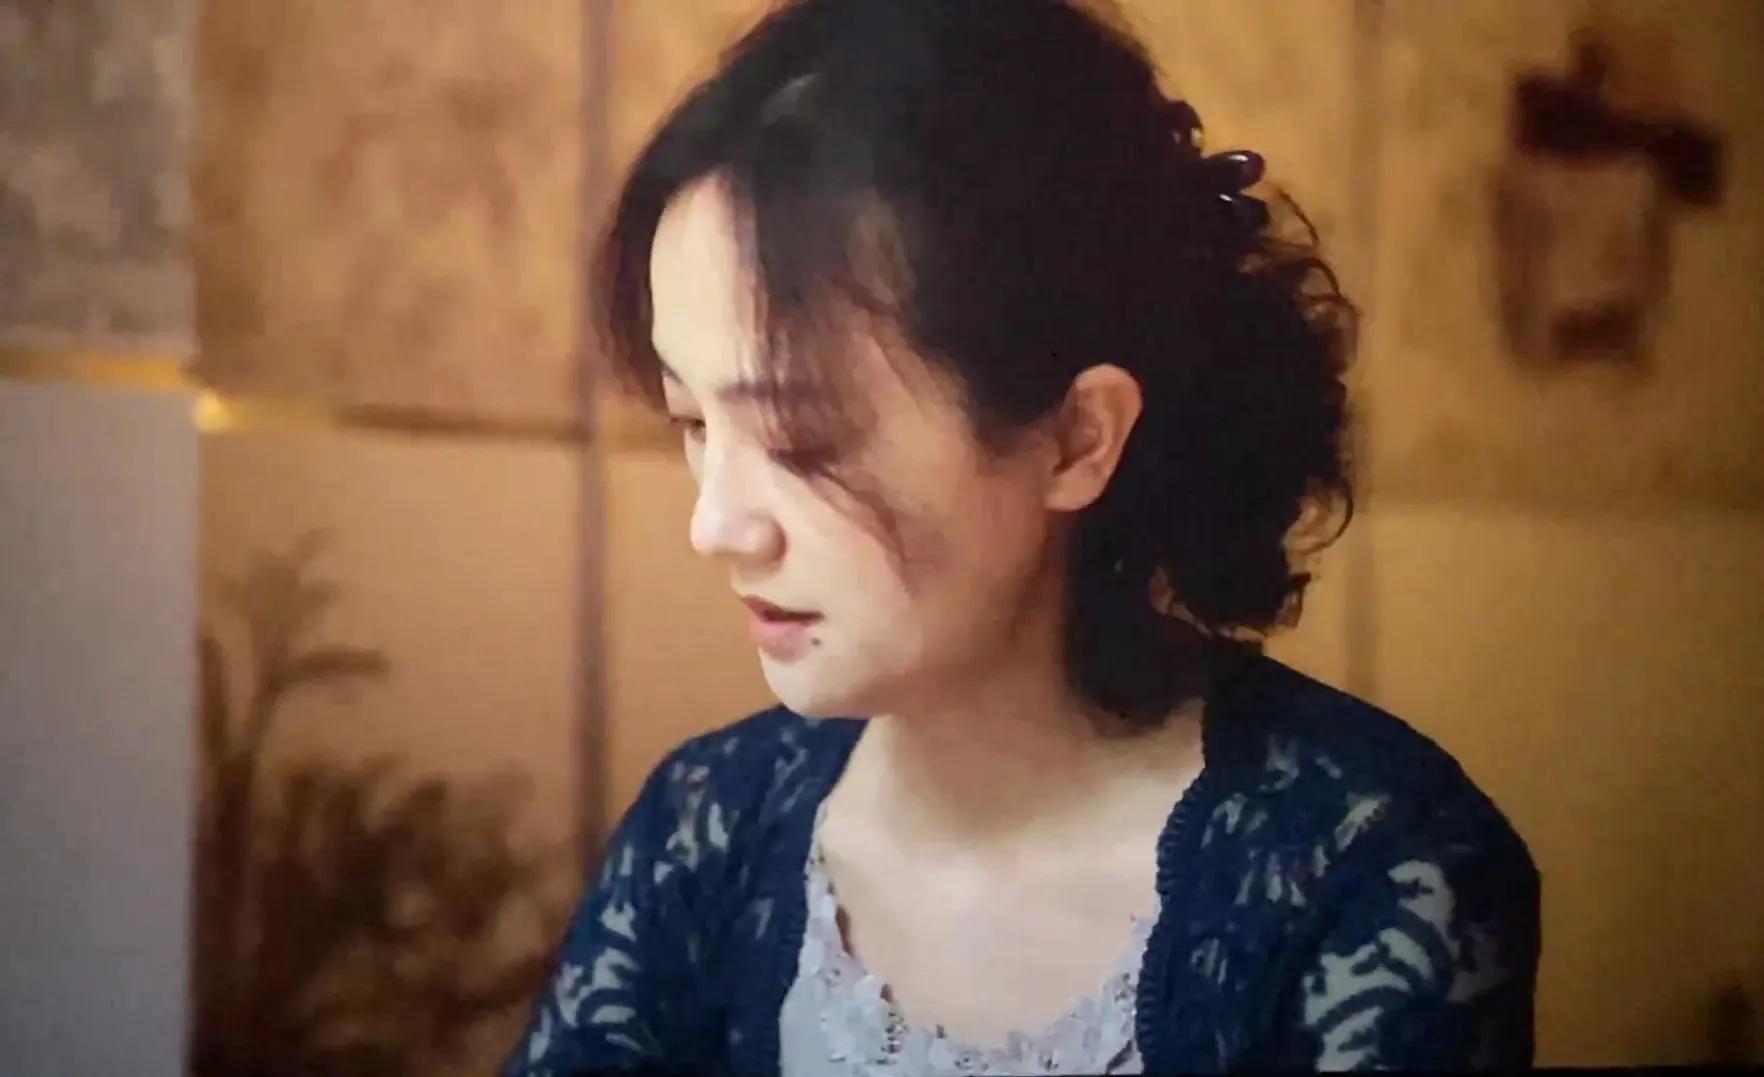 《我的姐姐》:姐姐的选择是人性的真实,姑妈的好是一生的悲哀